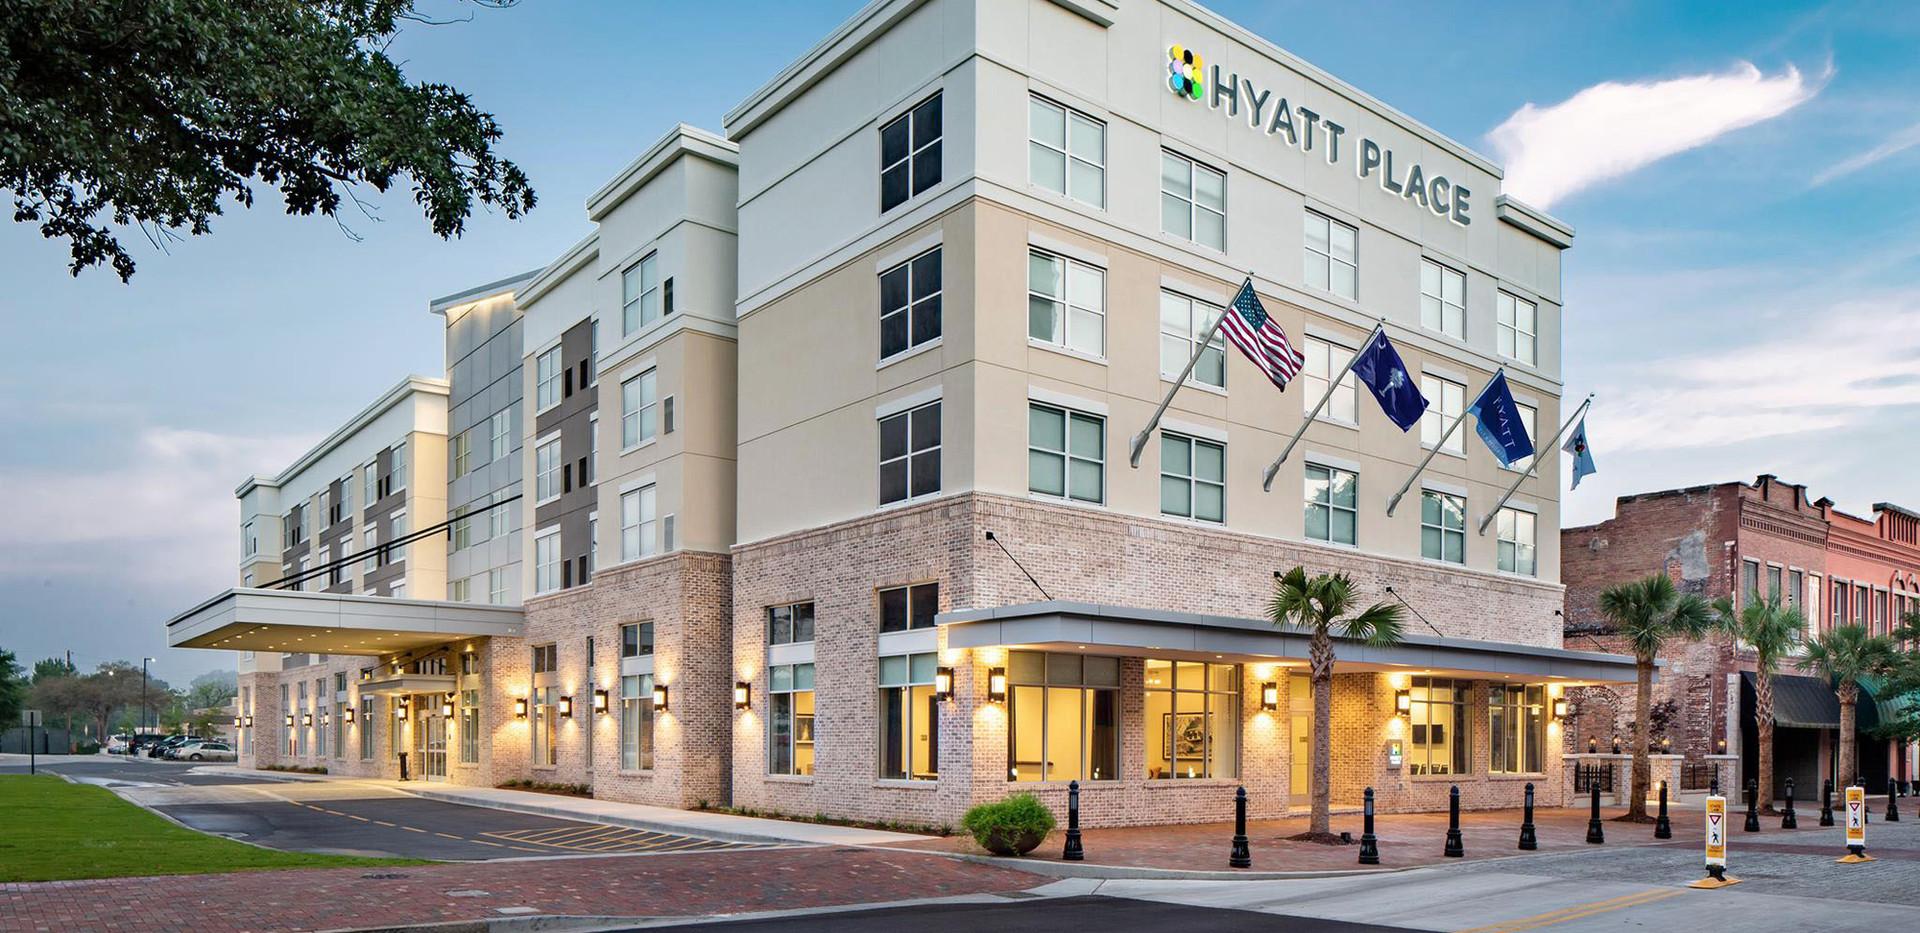 Hyatt Place Sumter South Carolina